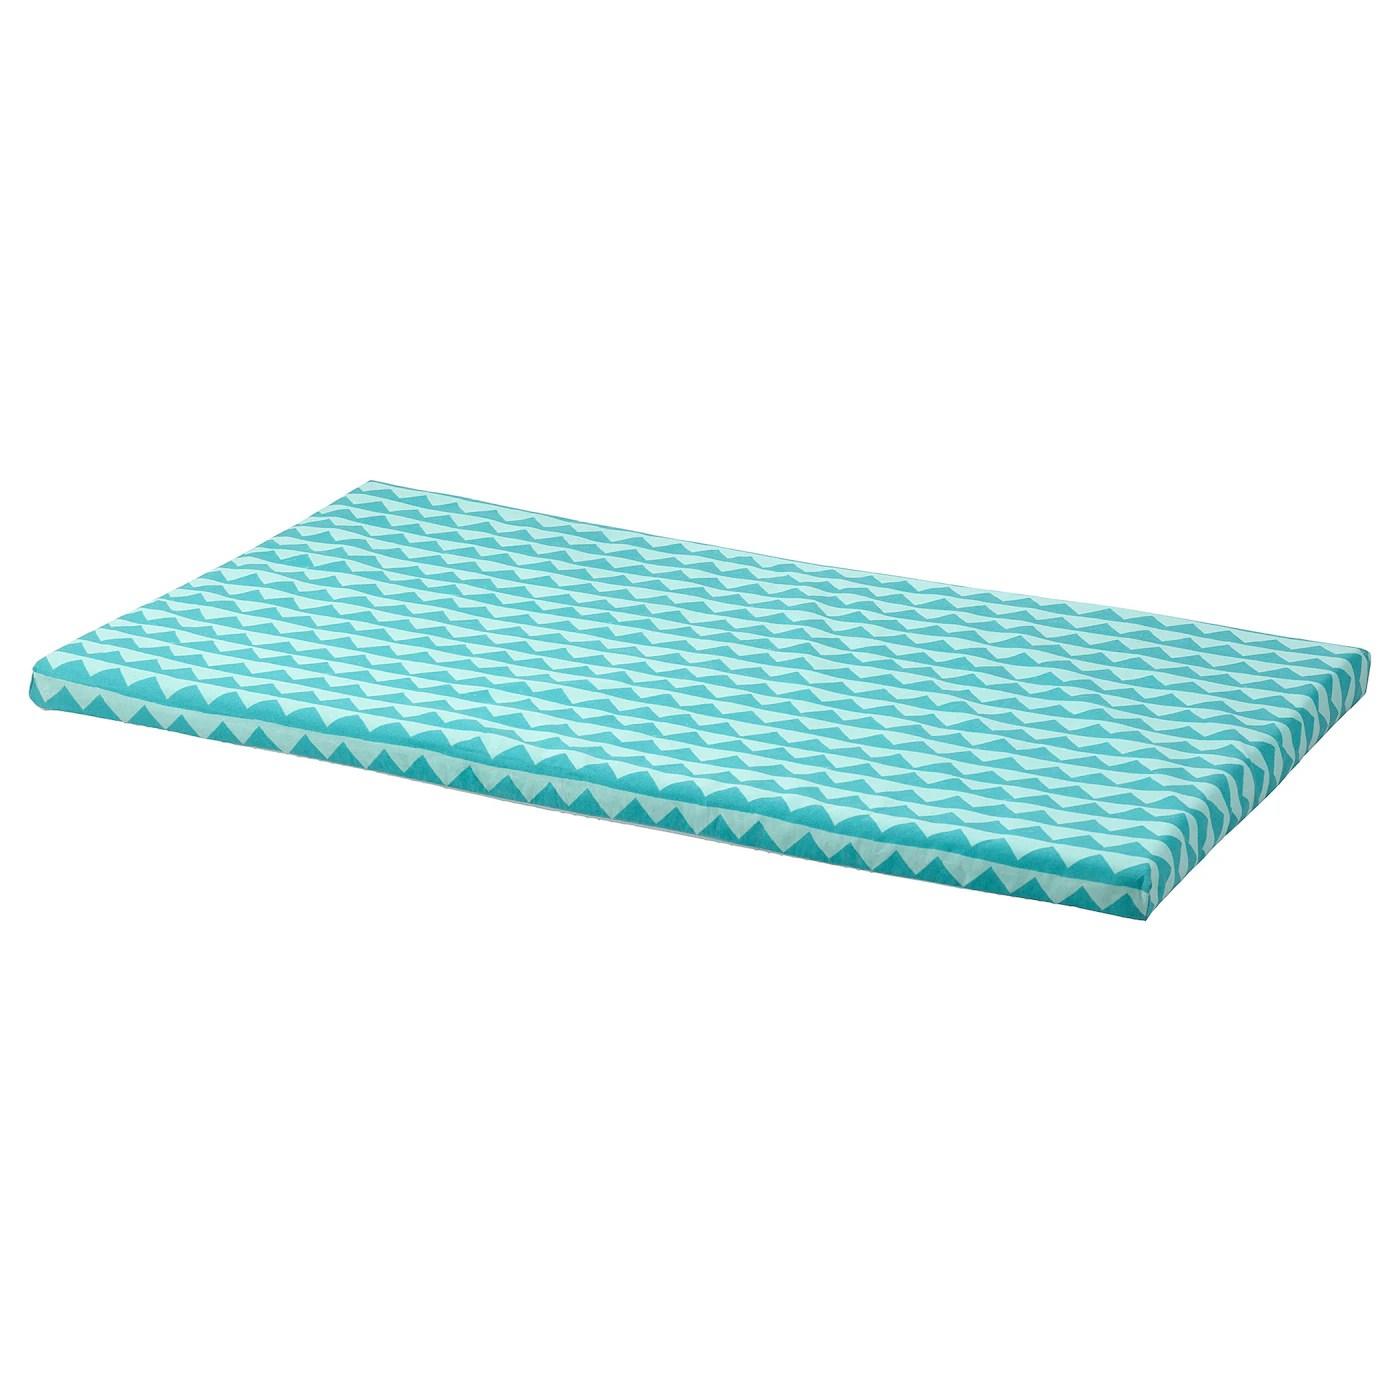 Bankkamrat Coussin Pour Banquette Turquoise 90x50x3 Cm Ikea